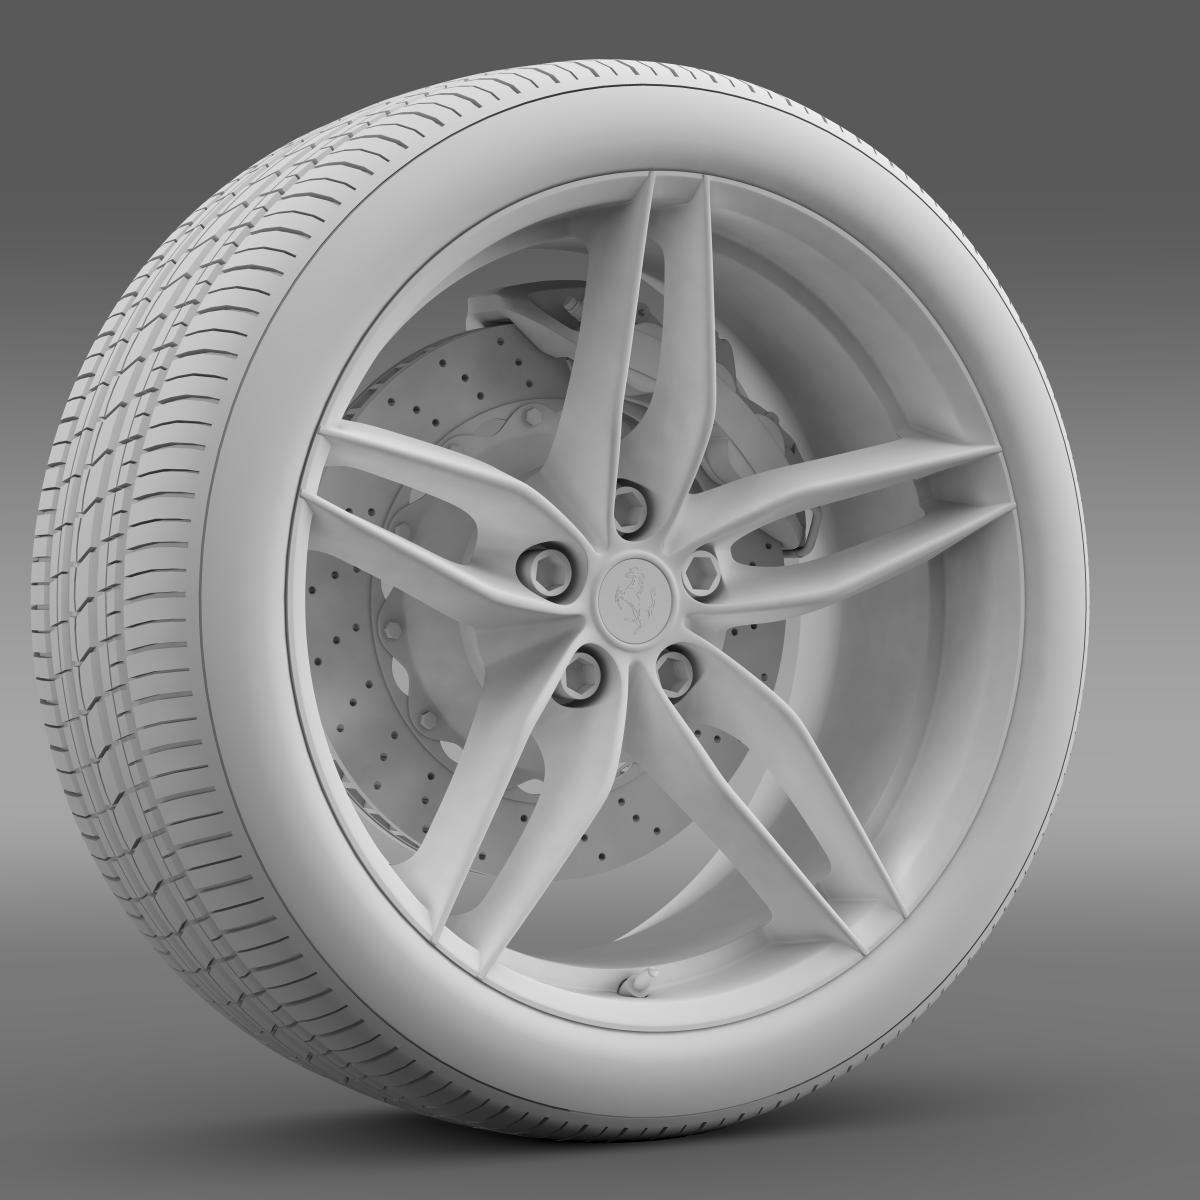 ferrari 488 gtb 2015 wheel 3d model 3ds max fbx c4d lwo ma mb hrc xsi obj 210690